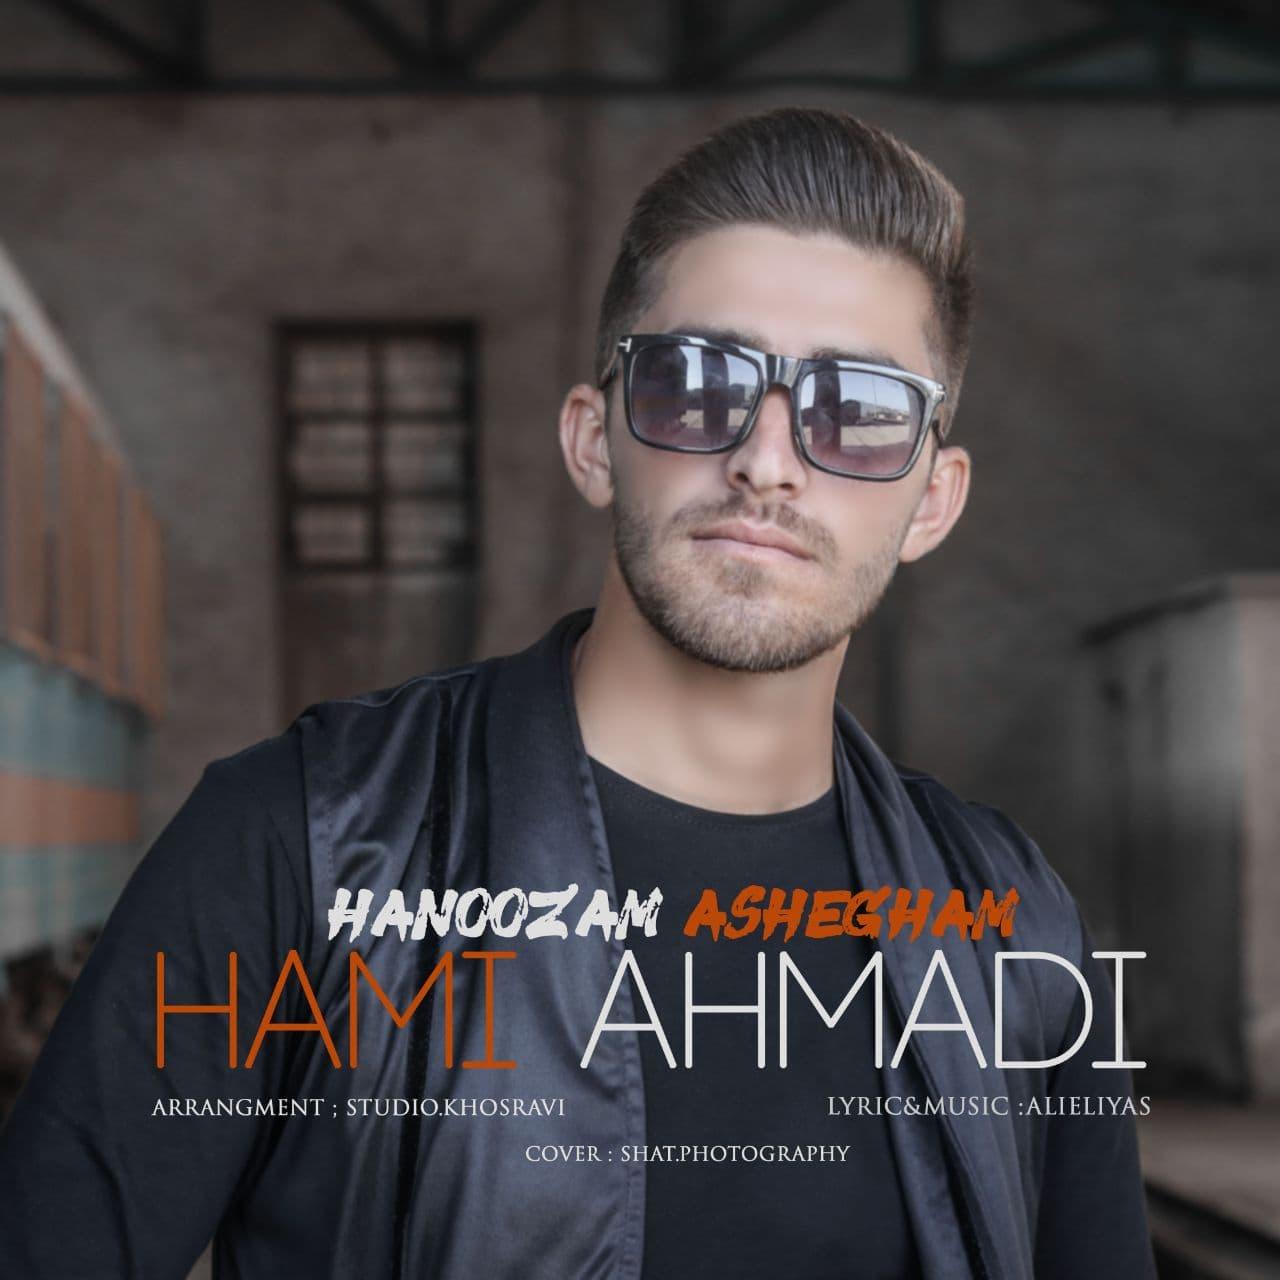 دانلود موزیک جدید حامی احمدی هنوزم عاشقم